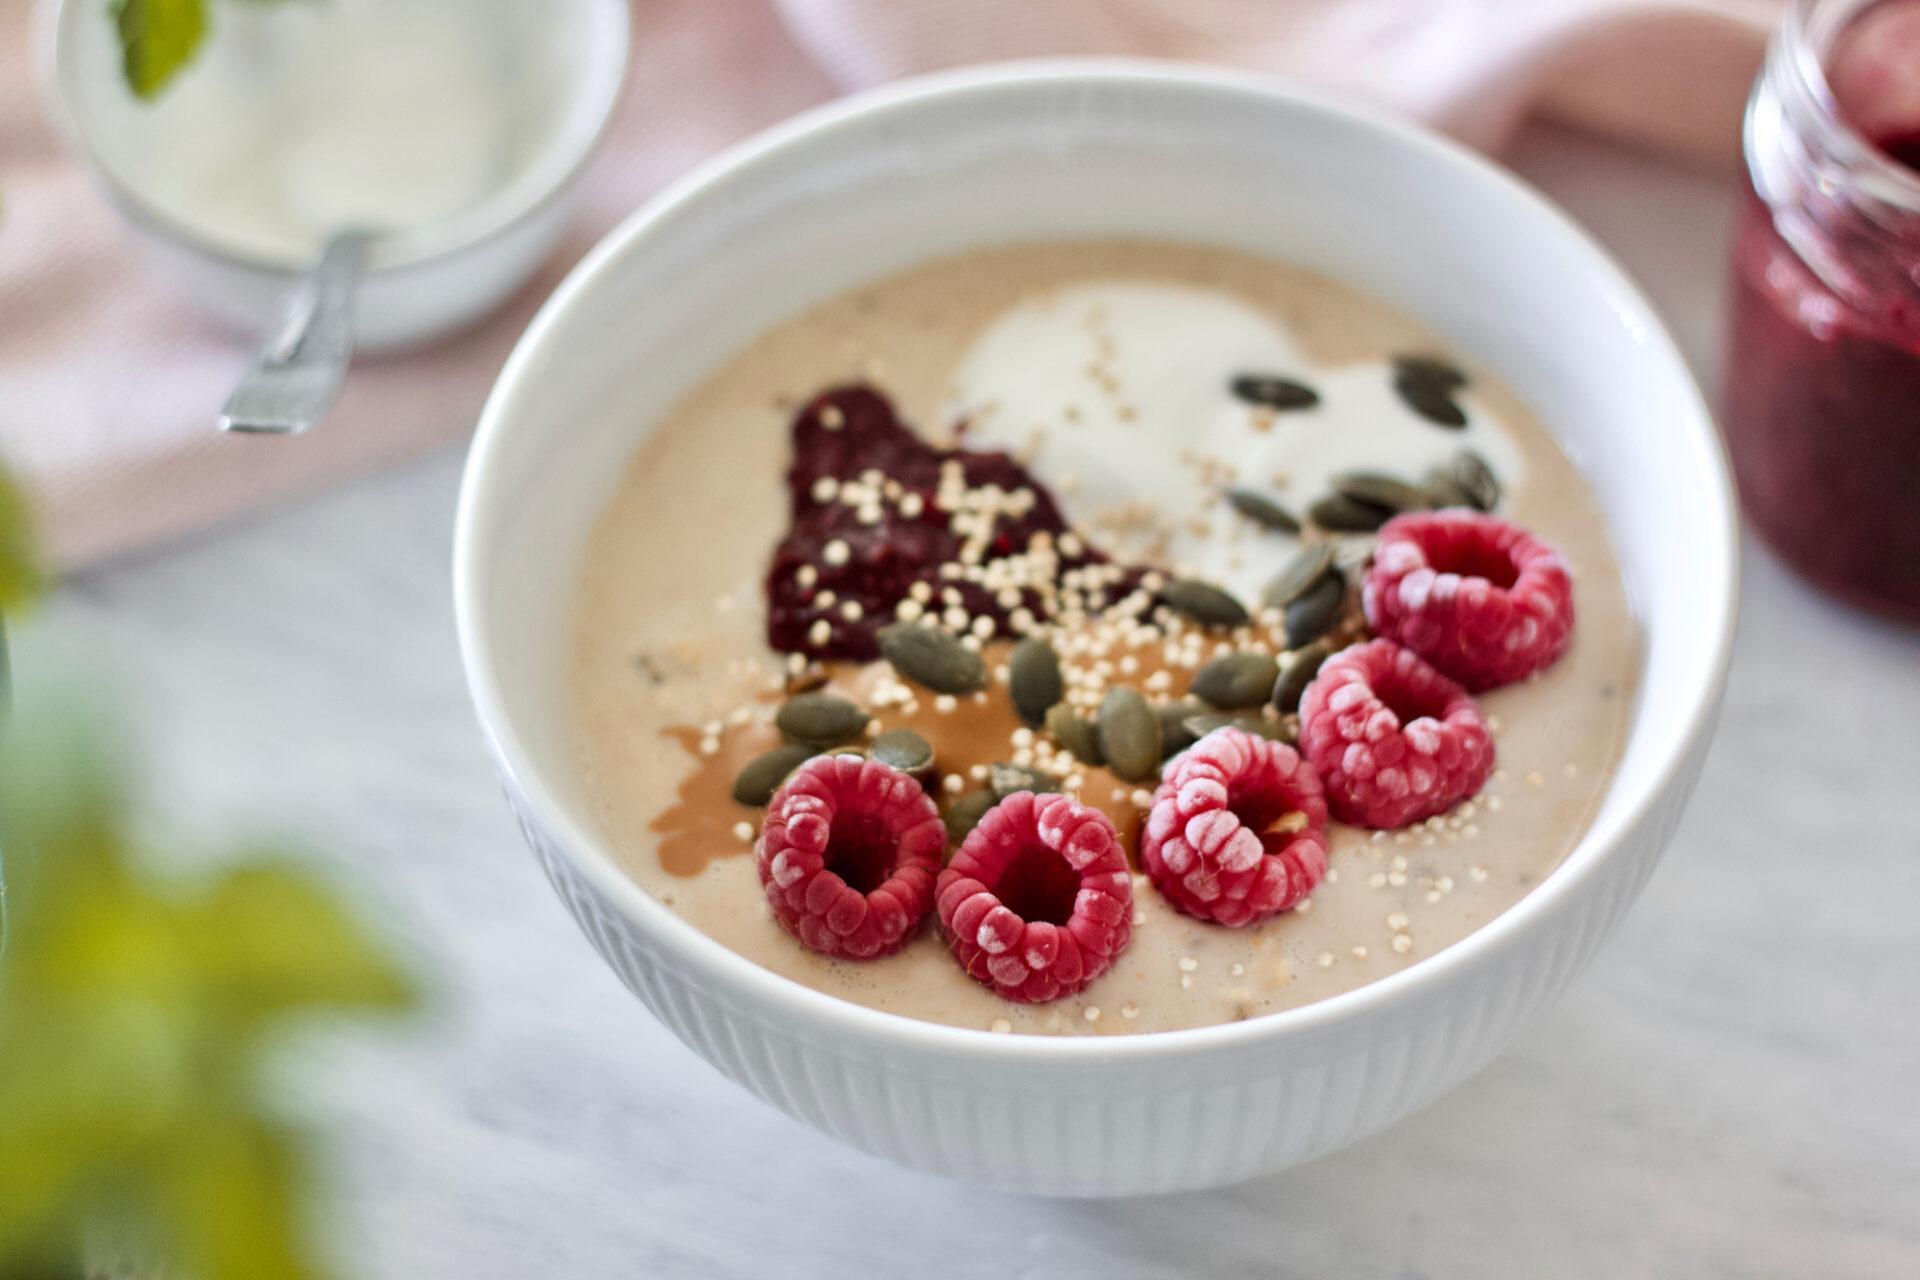 Healthy-vegan-overnight oats-jam-red berries-saudável-aveia adormecida-compota-frutos vermelhos-4